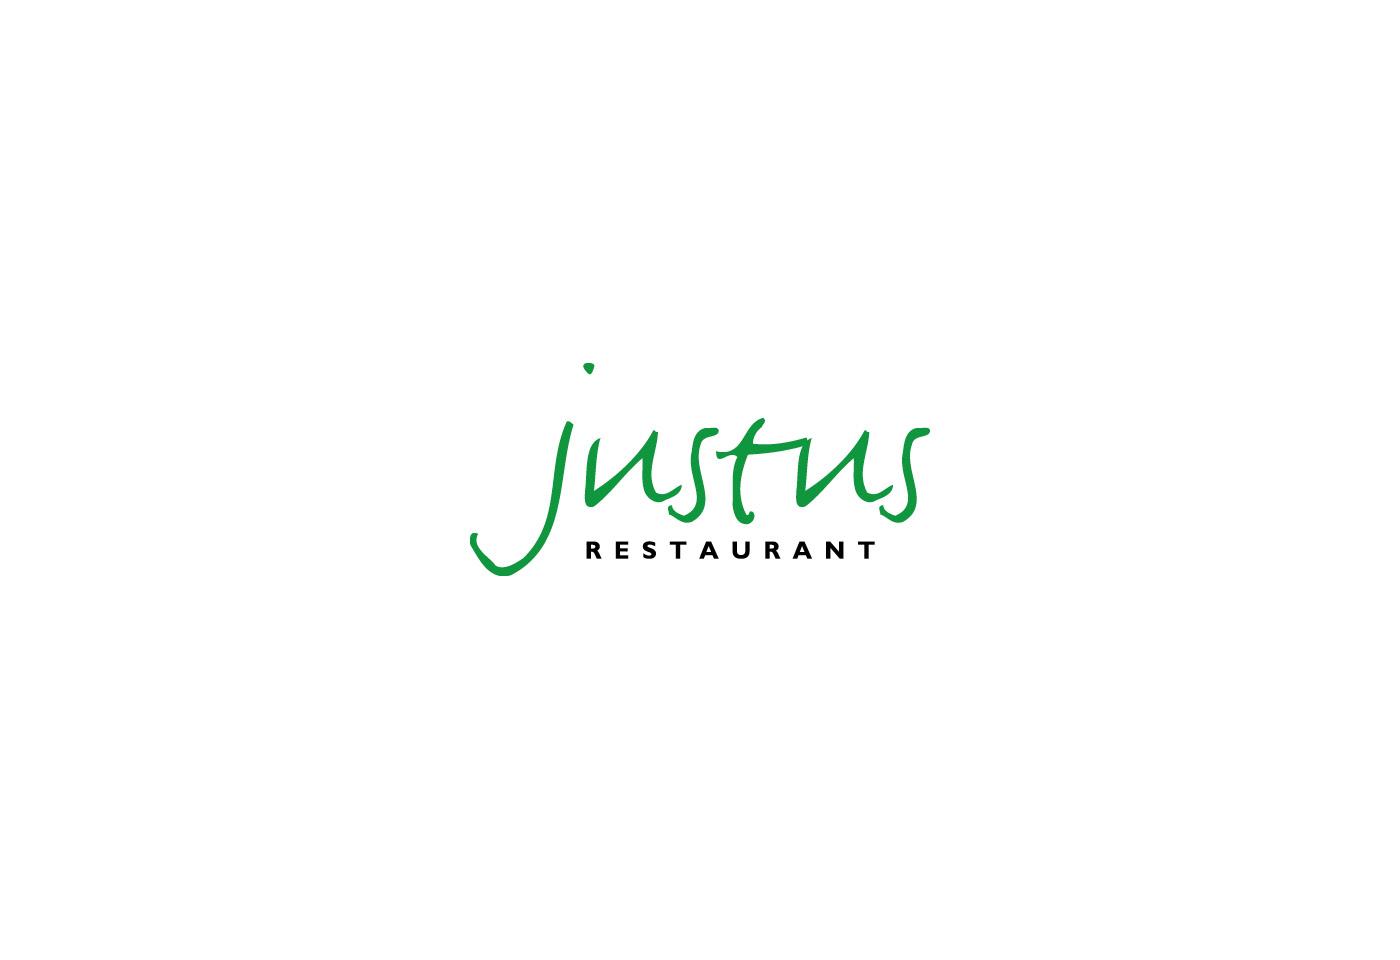 Justus Restaurant